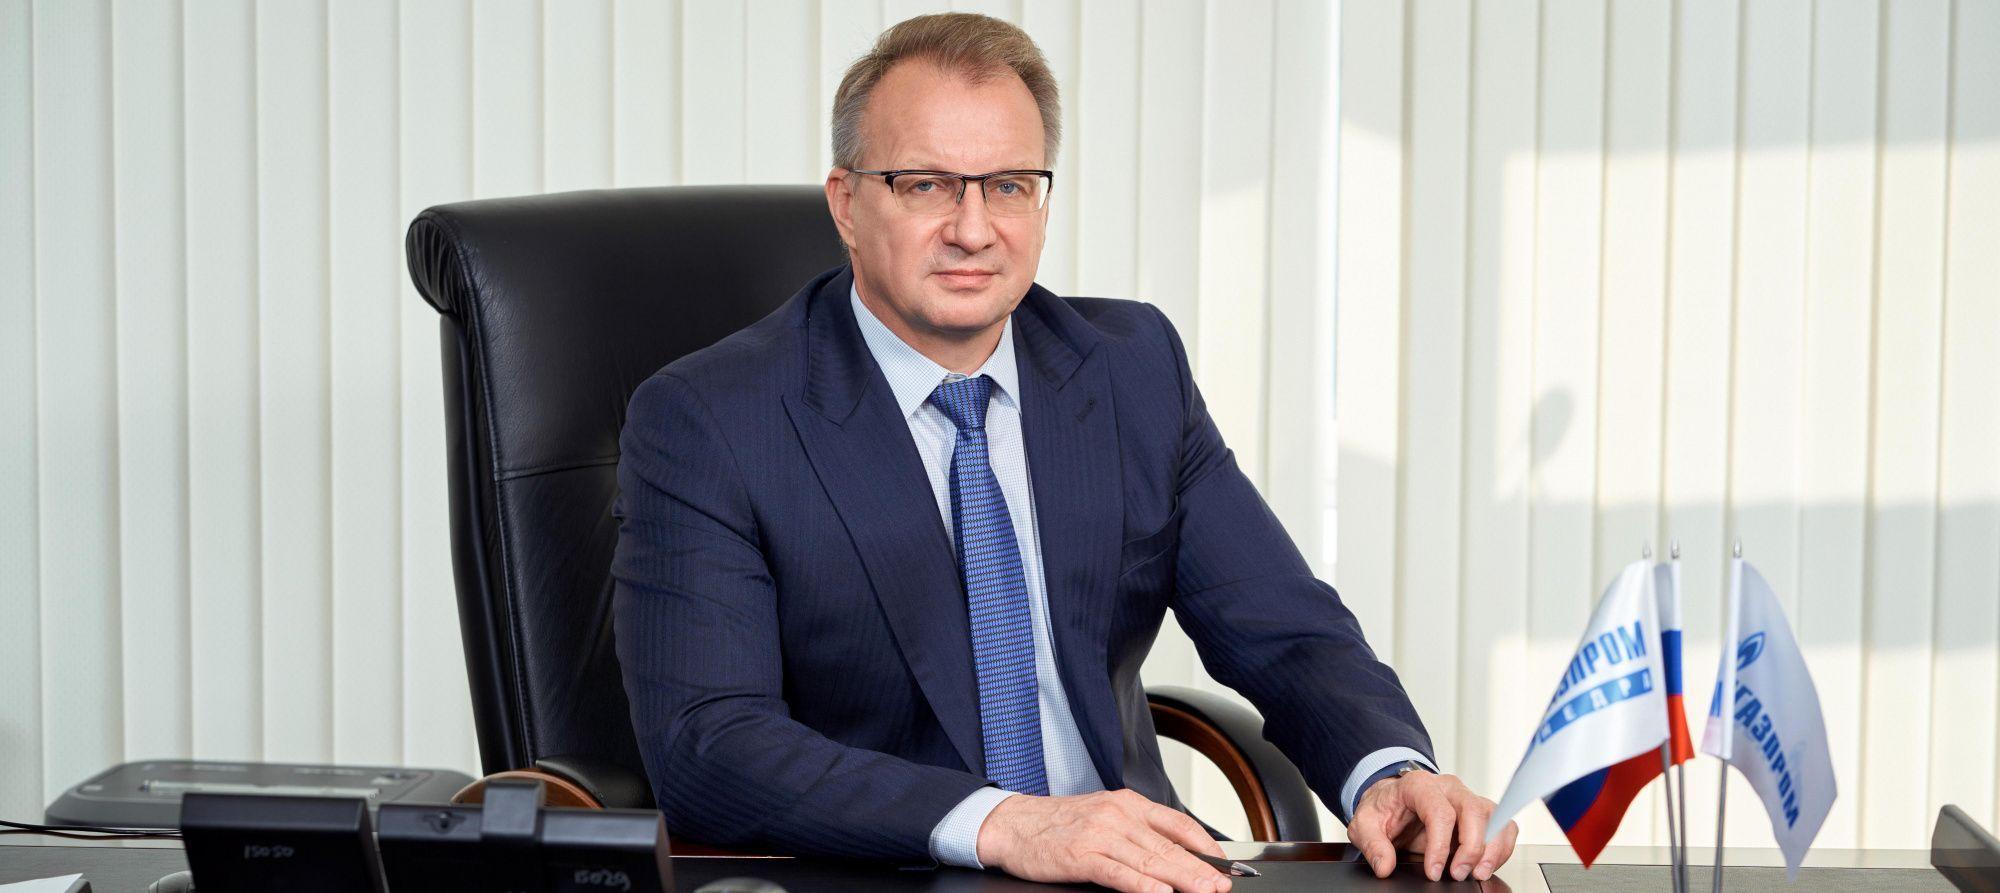 Всеволод Черепанов: «Нам достался большой запас прочности от геологов-первопроходцев»